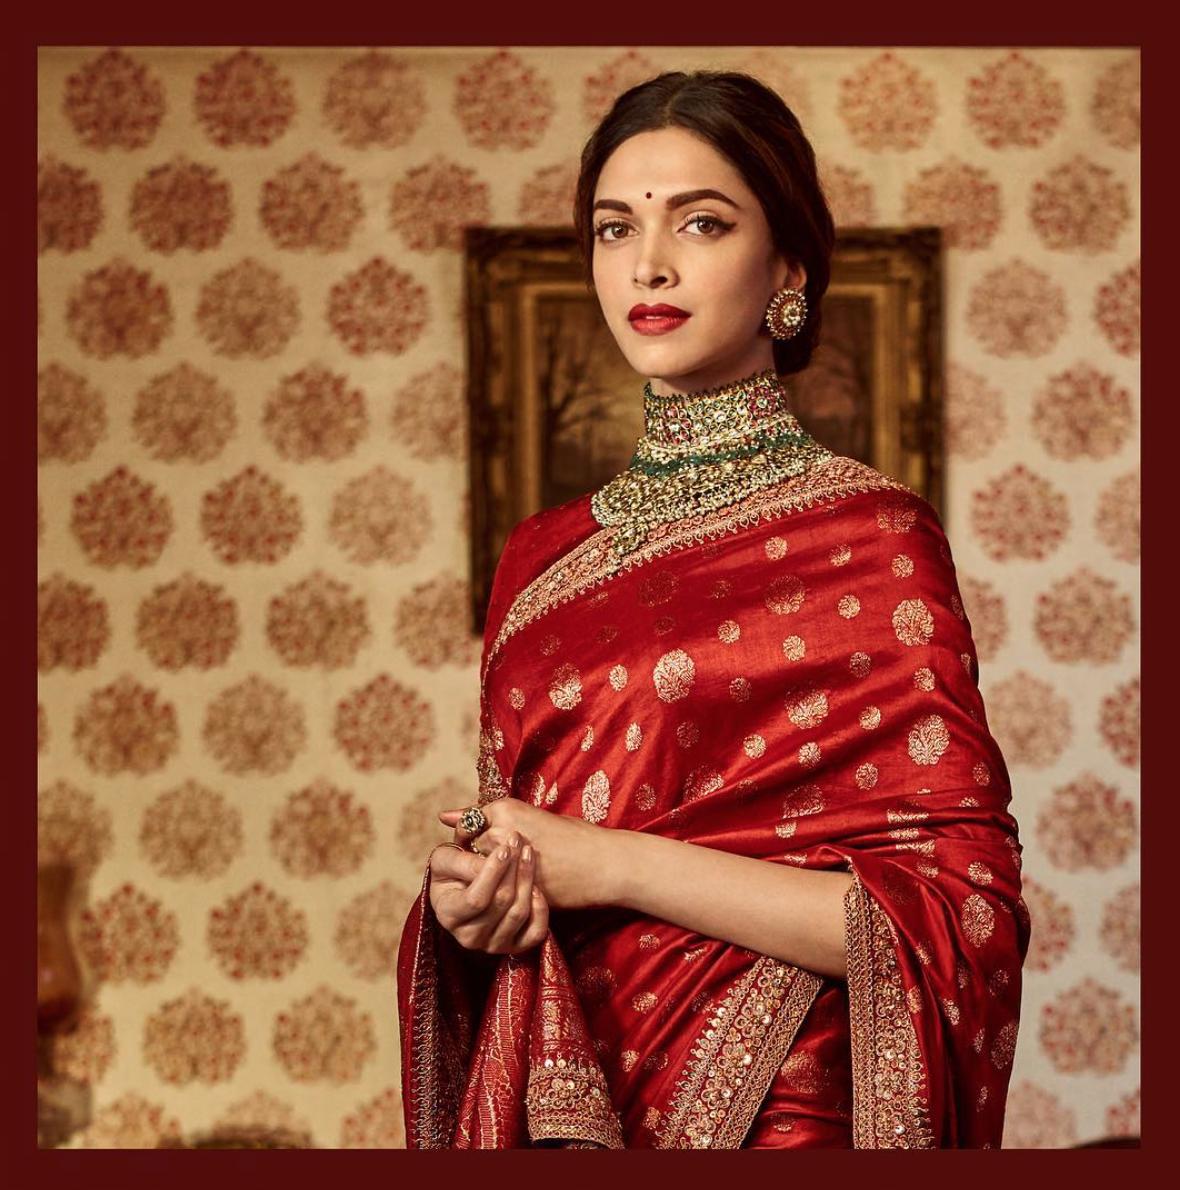 Deepika Padkone in a Sabyasachi Mukherjee design